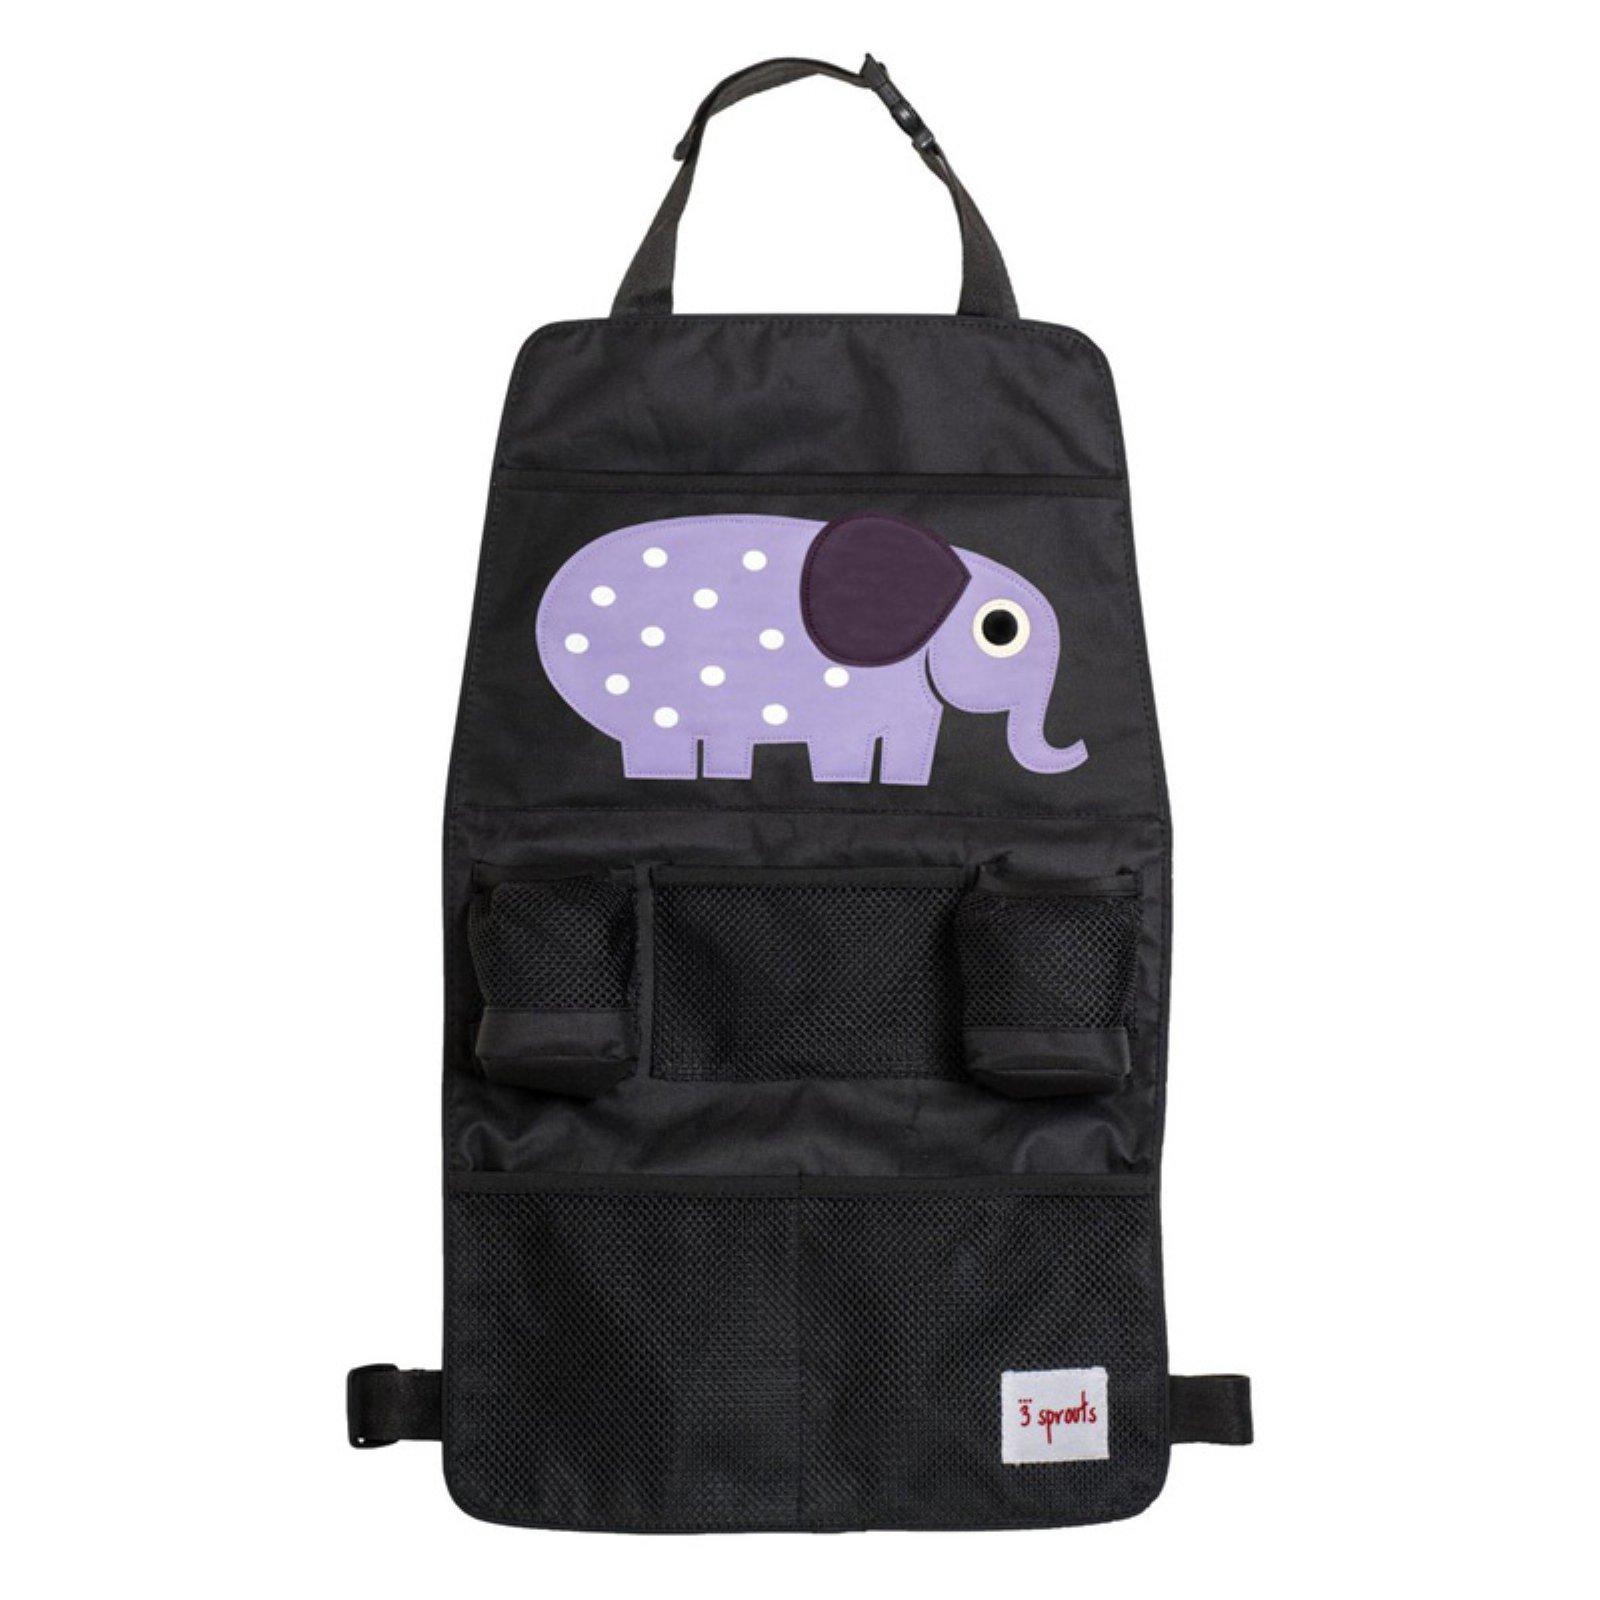 3 Sprouts Backseat Organizer - Elephant